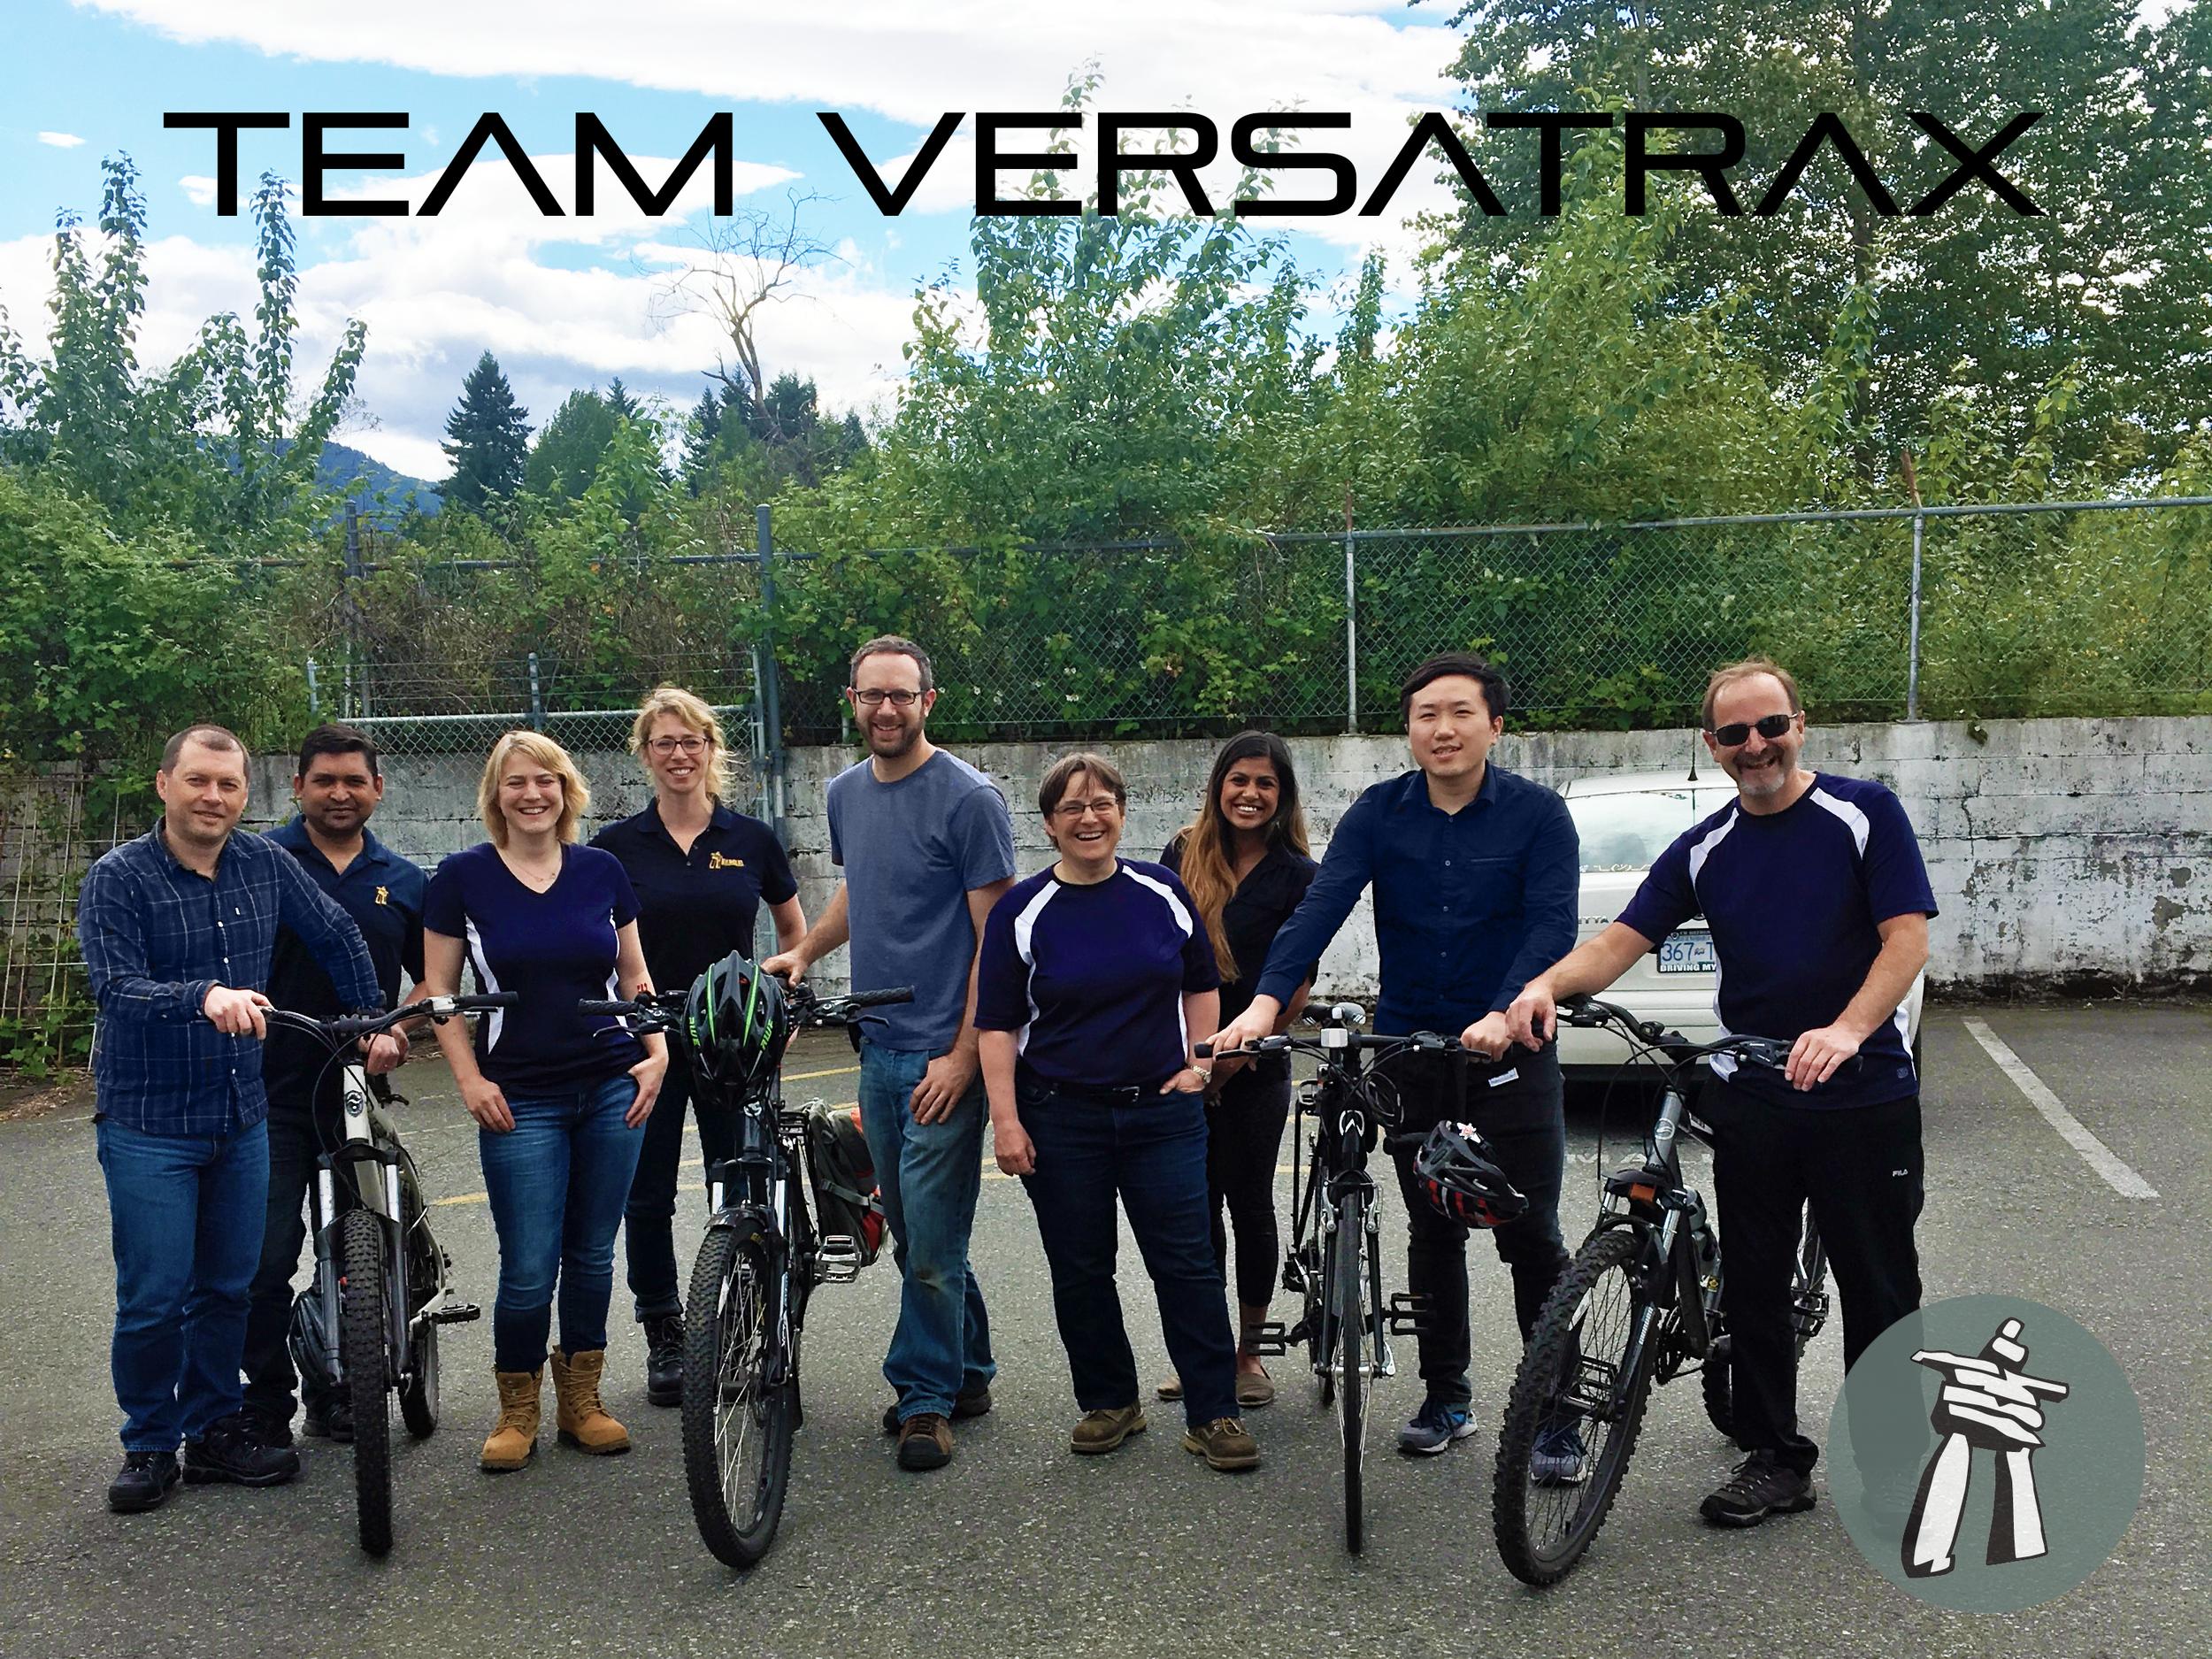 Team Versatrax on behalf of Inuktun for Bike to Work Week